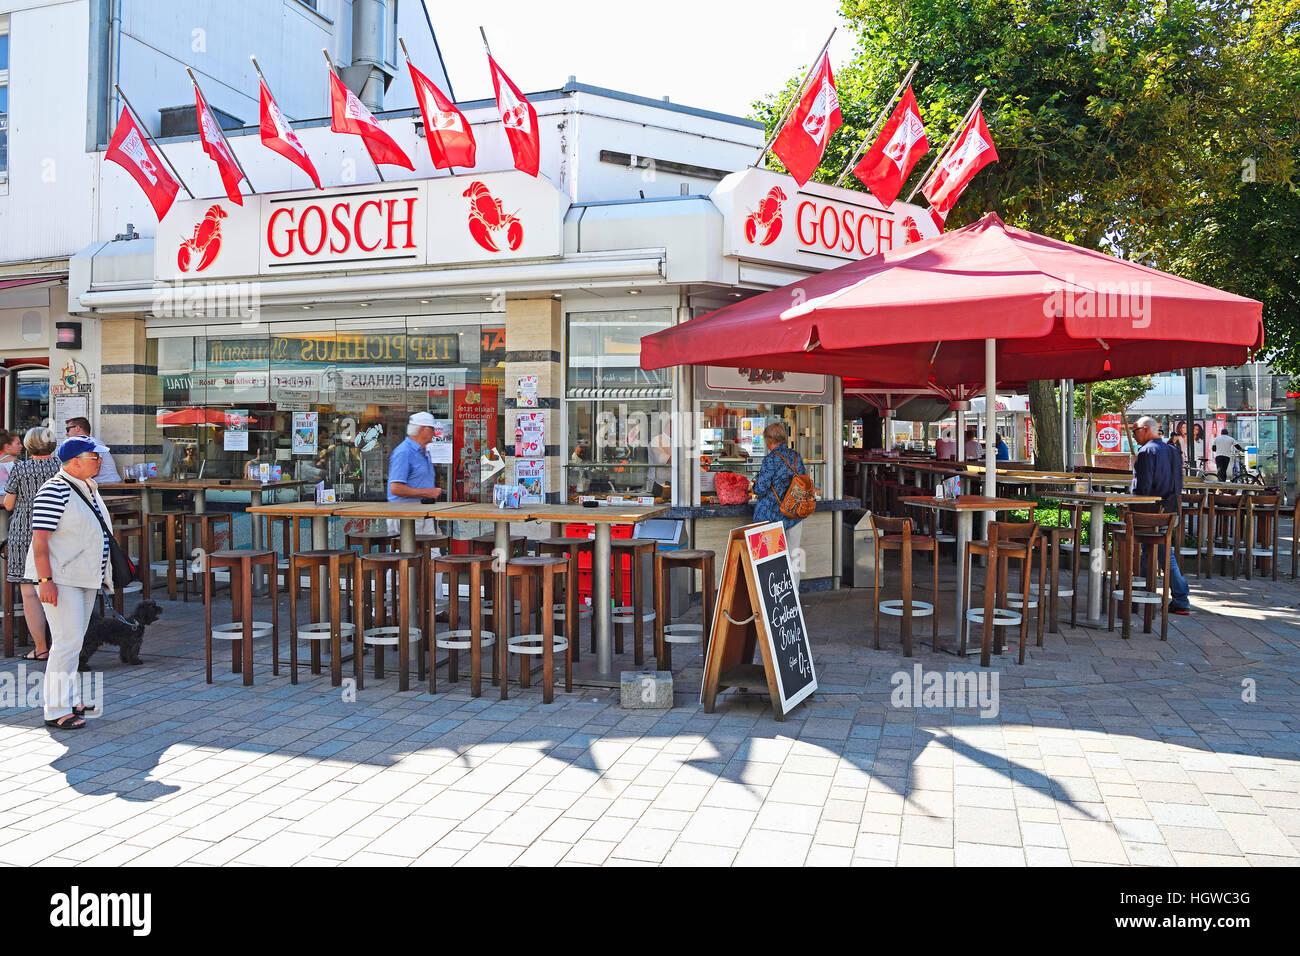 Filiale der Firma Gosch in der Friedrichstrasse in Westerland, Hauptseinkaufsstrasse, Sylt, nordfriesische Inseln, - Stock Image